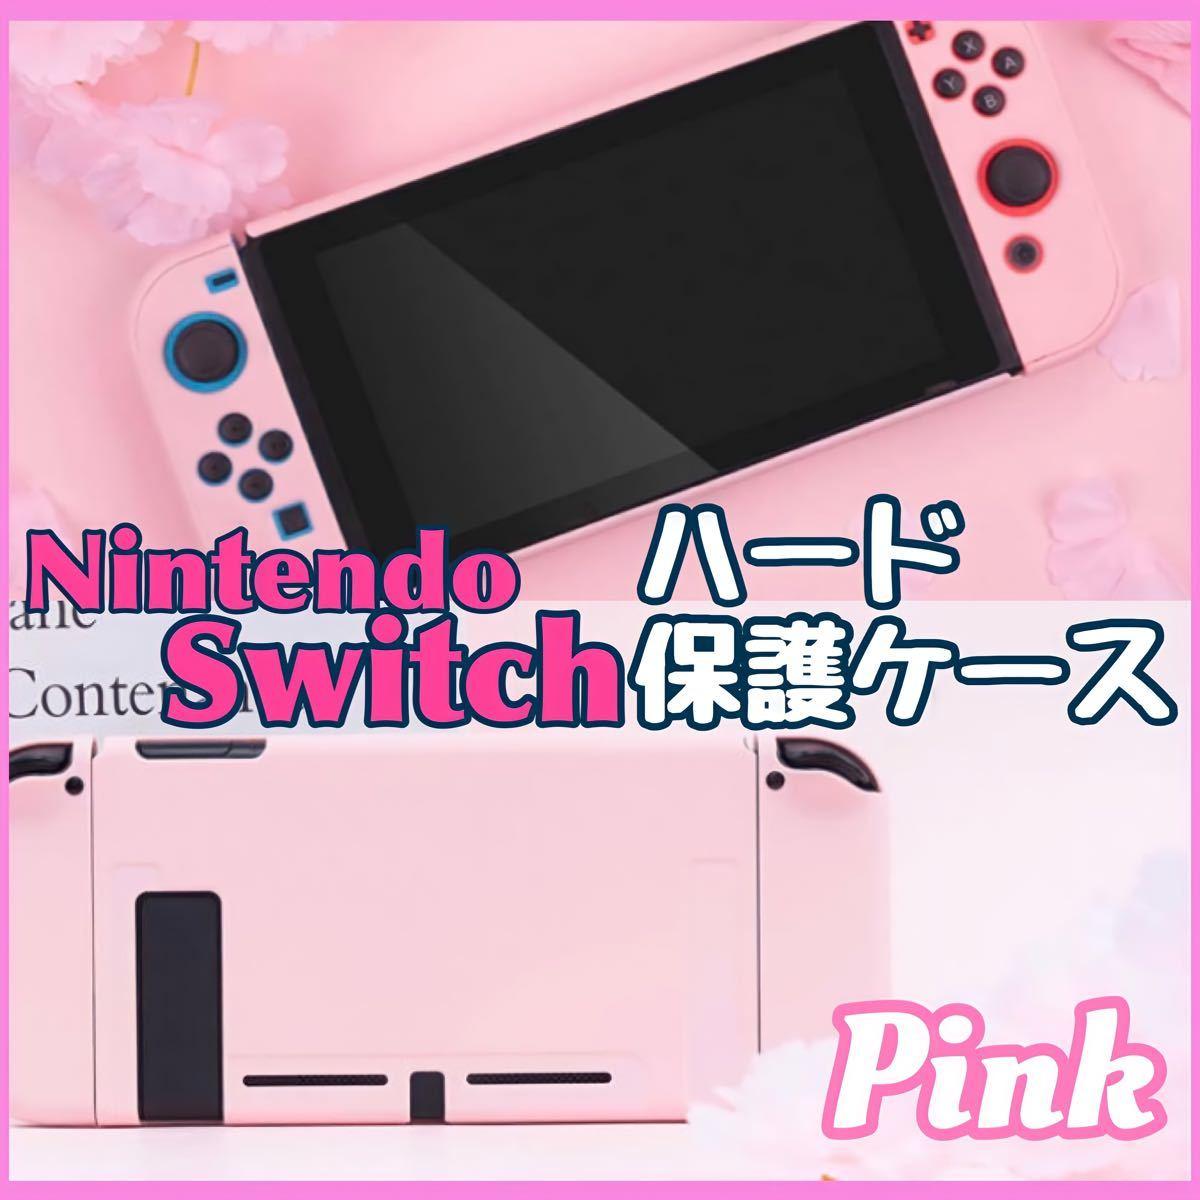 ニンテンドー スイッチ  Switch ハードカバー 保護ケース ピンク 分離式  任天堂スイッチ ハードケース 保護カバー